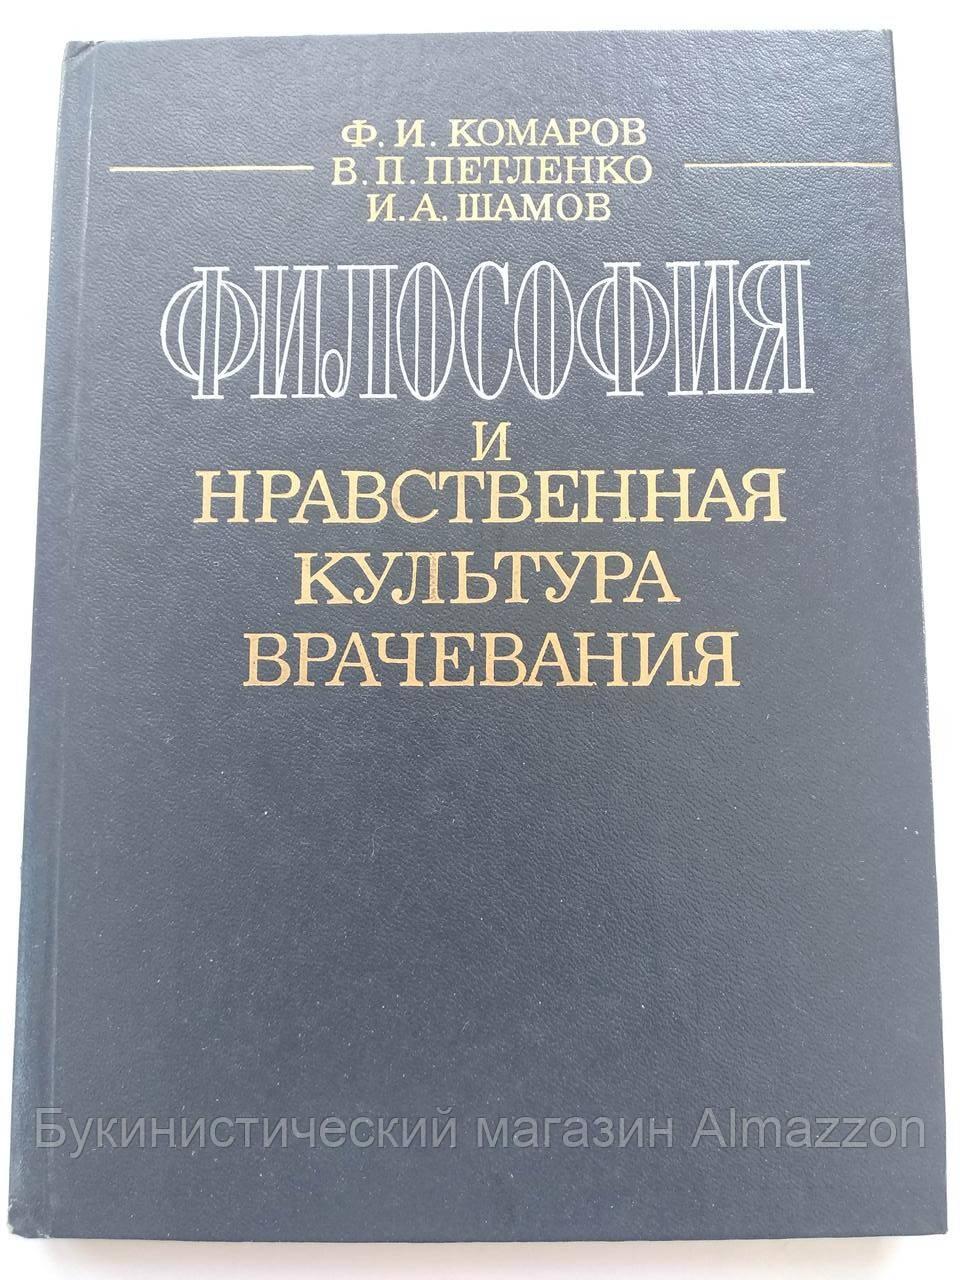 Філософія і моральна культура лікування Ф. Комарів